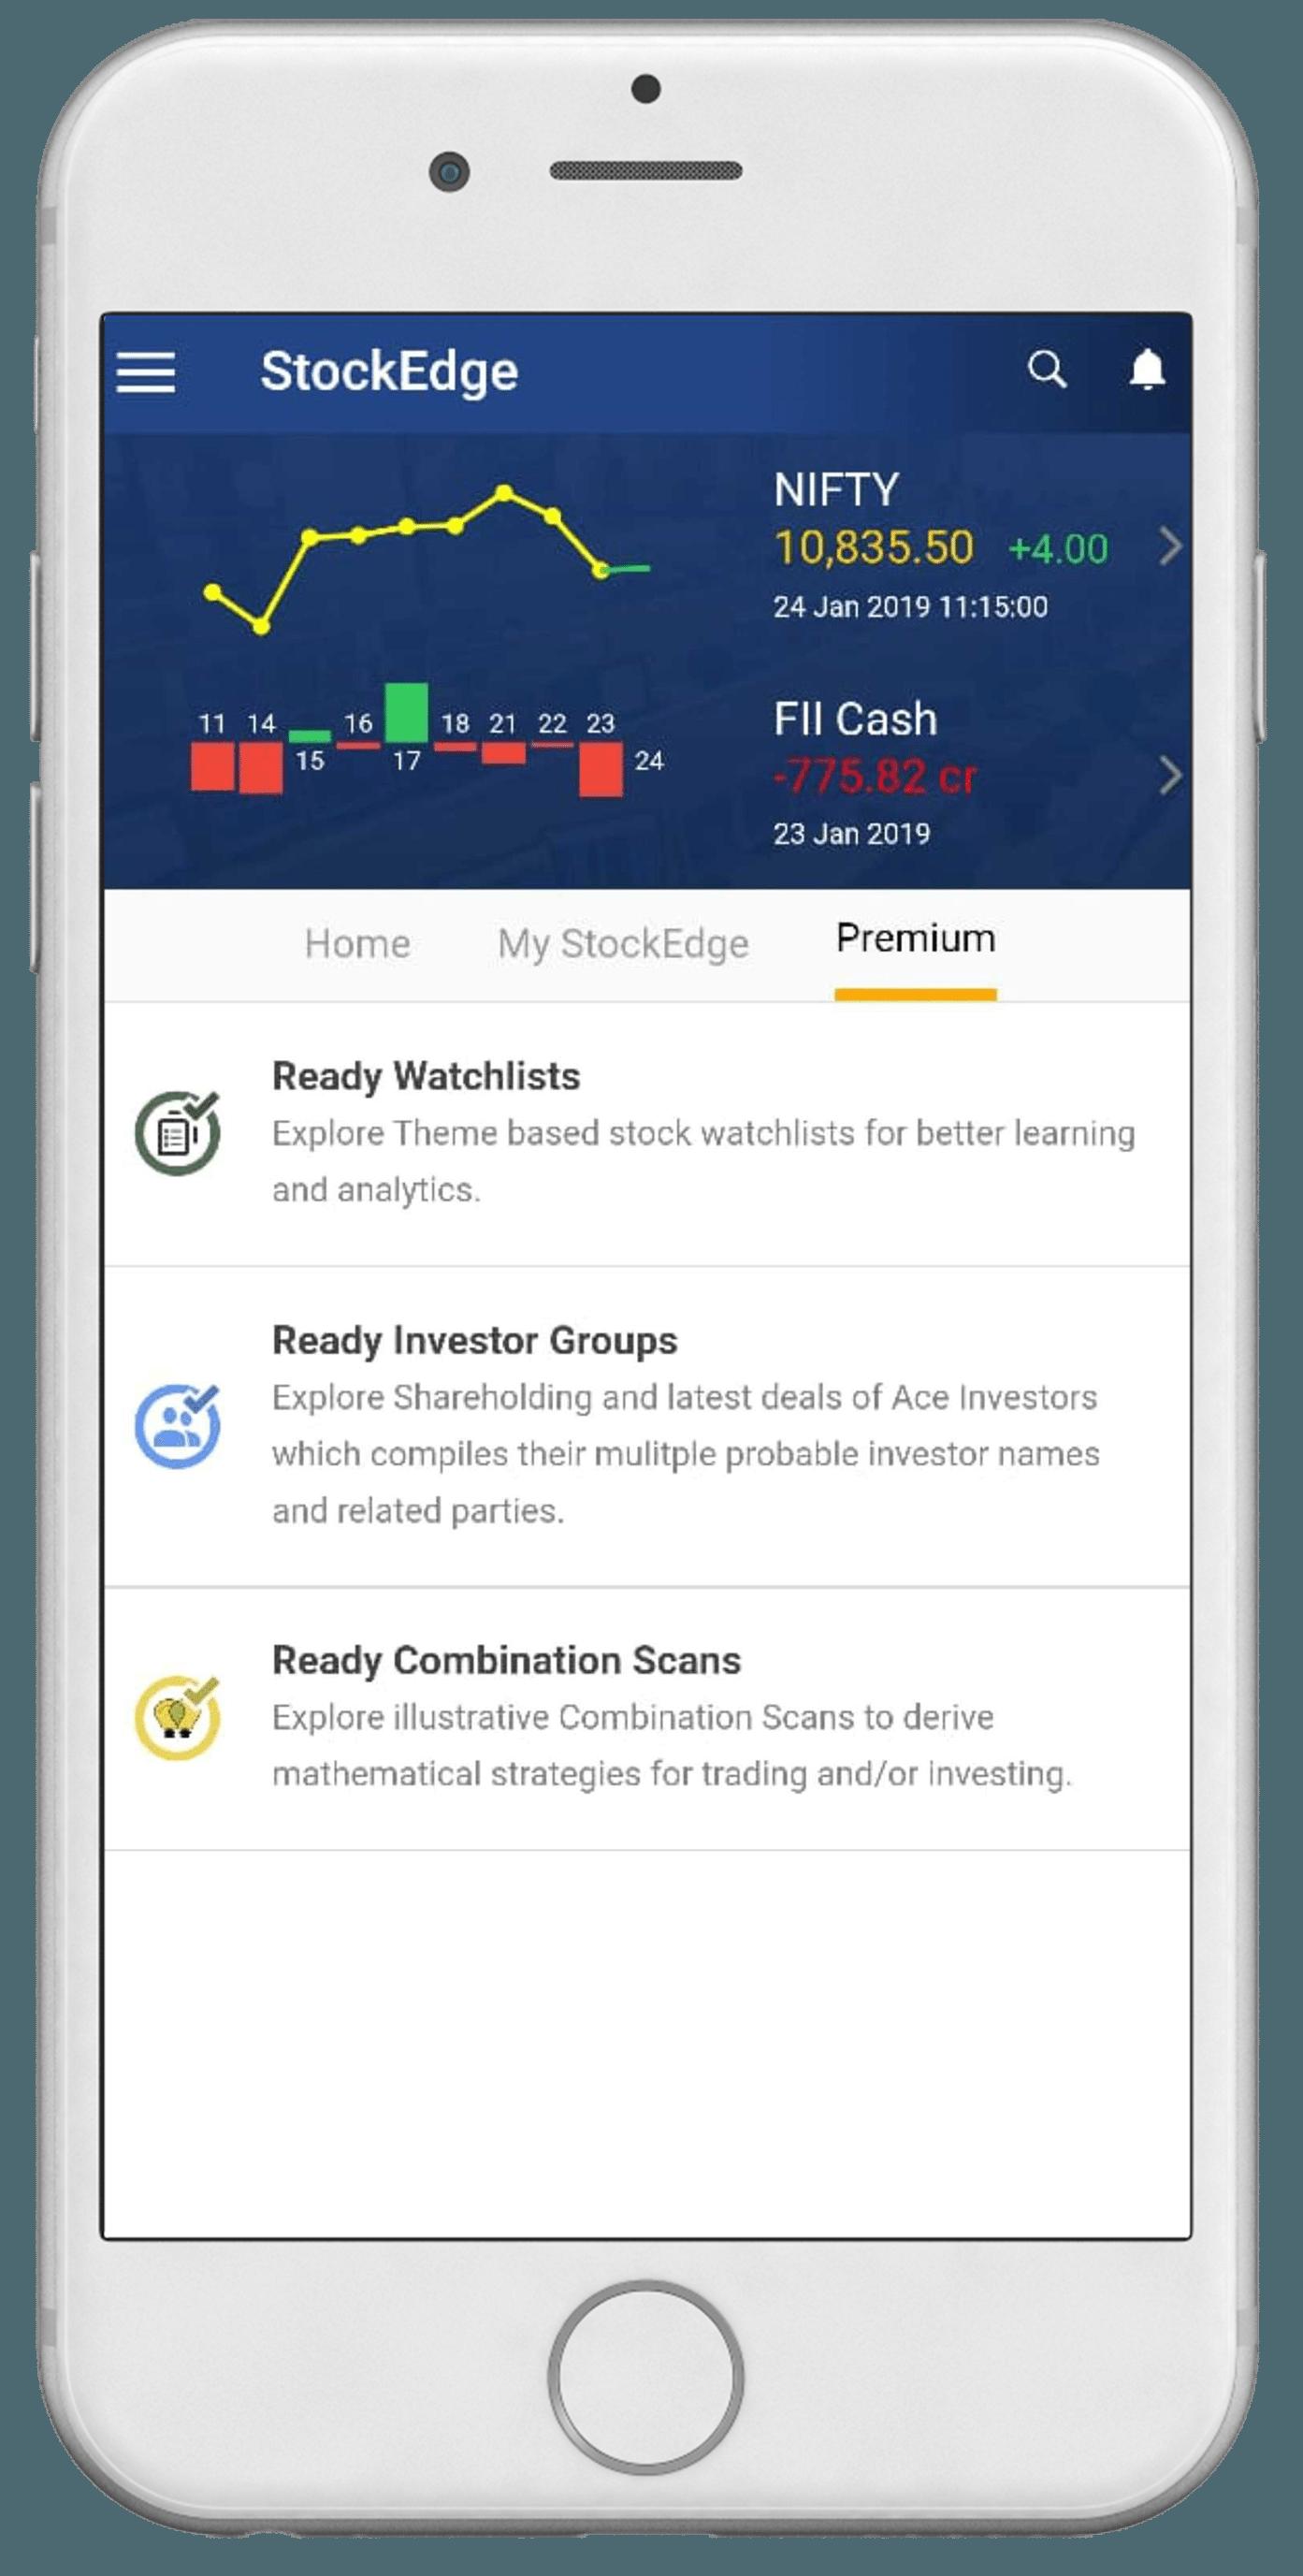 StockEdge | Indian Stock Market App designed to provide data